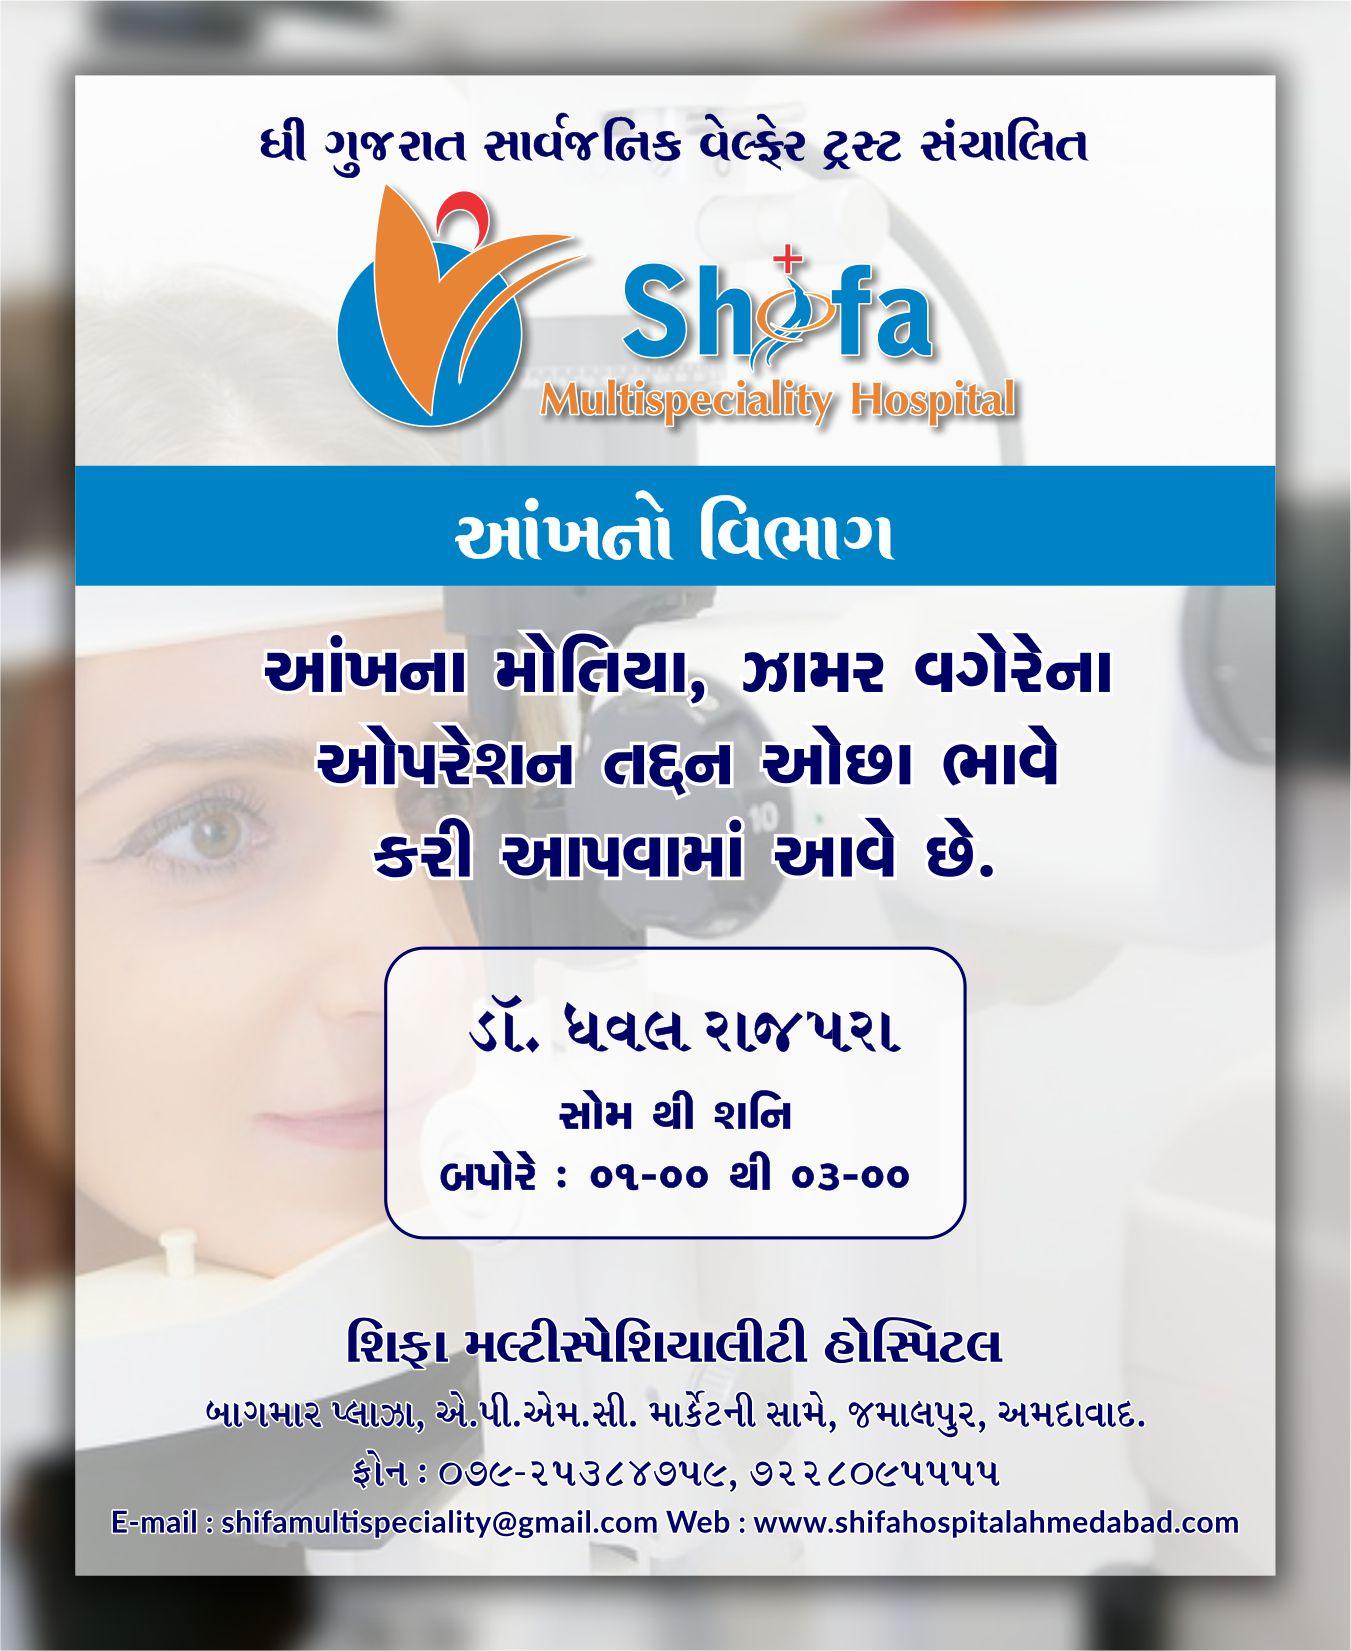 Shifa 009